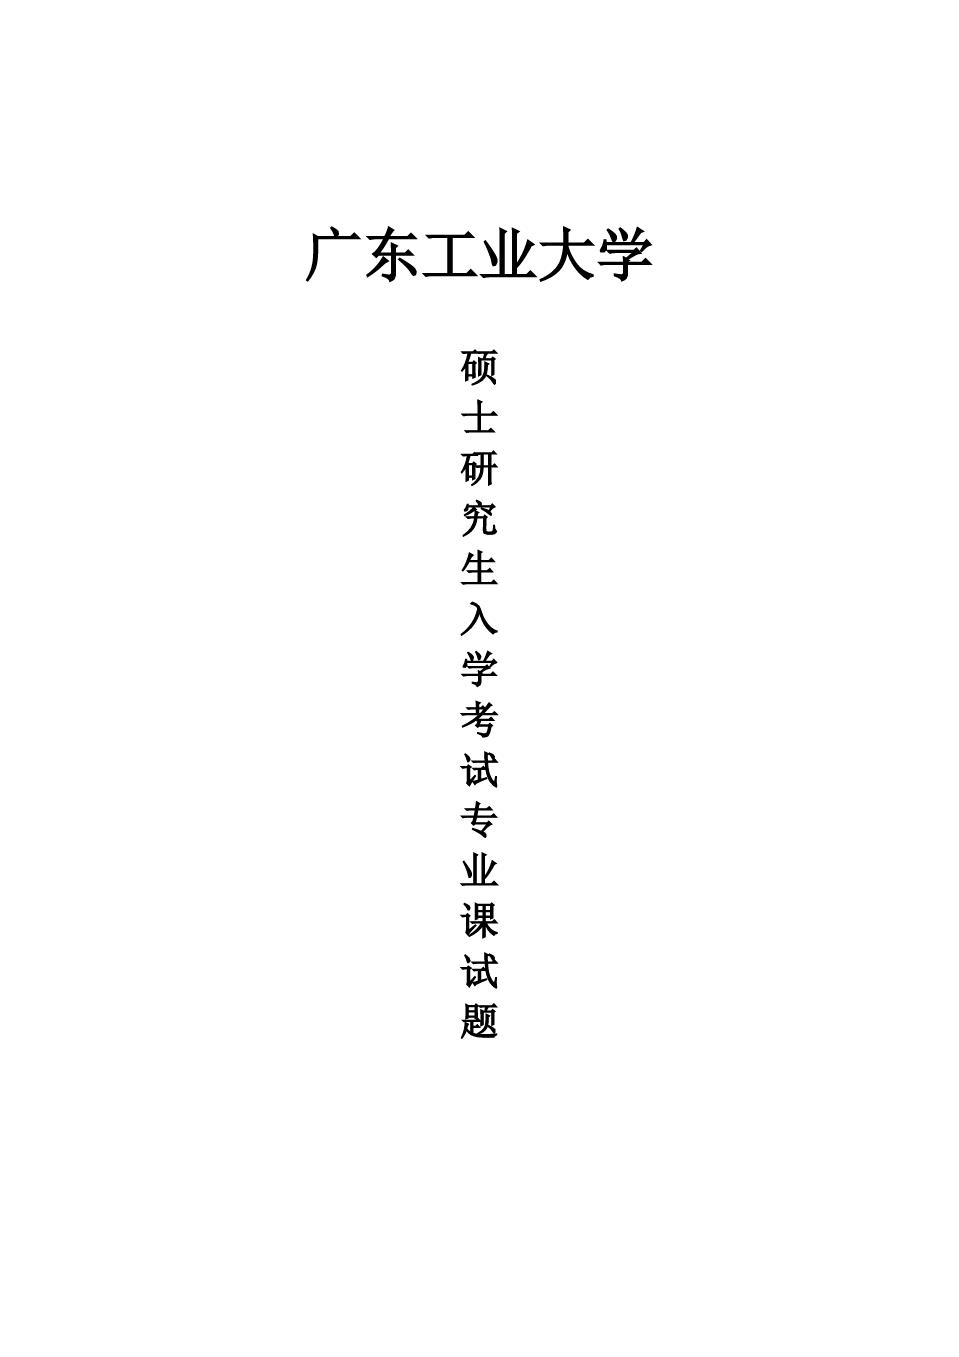 广东工业大学805汽车理论2017年考研真题考研专业课真题